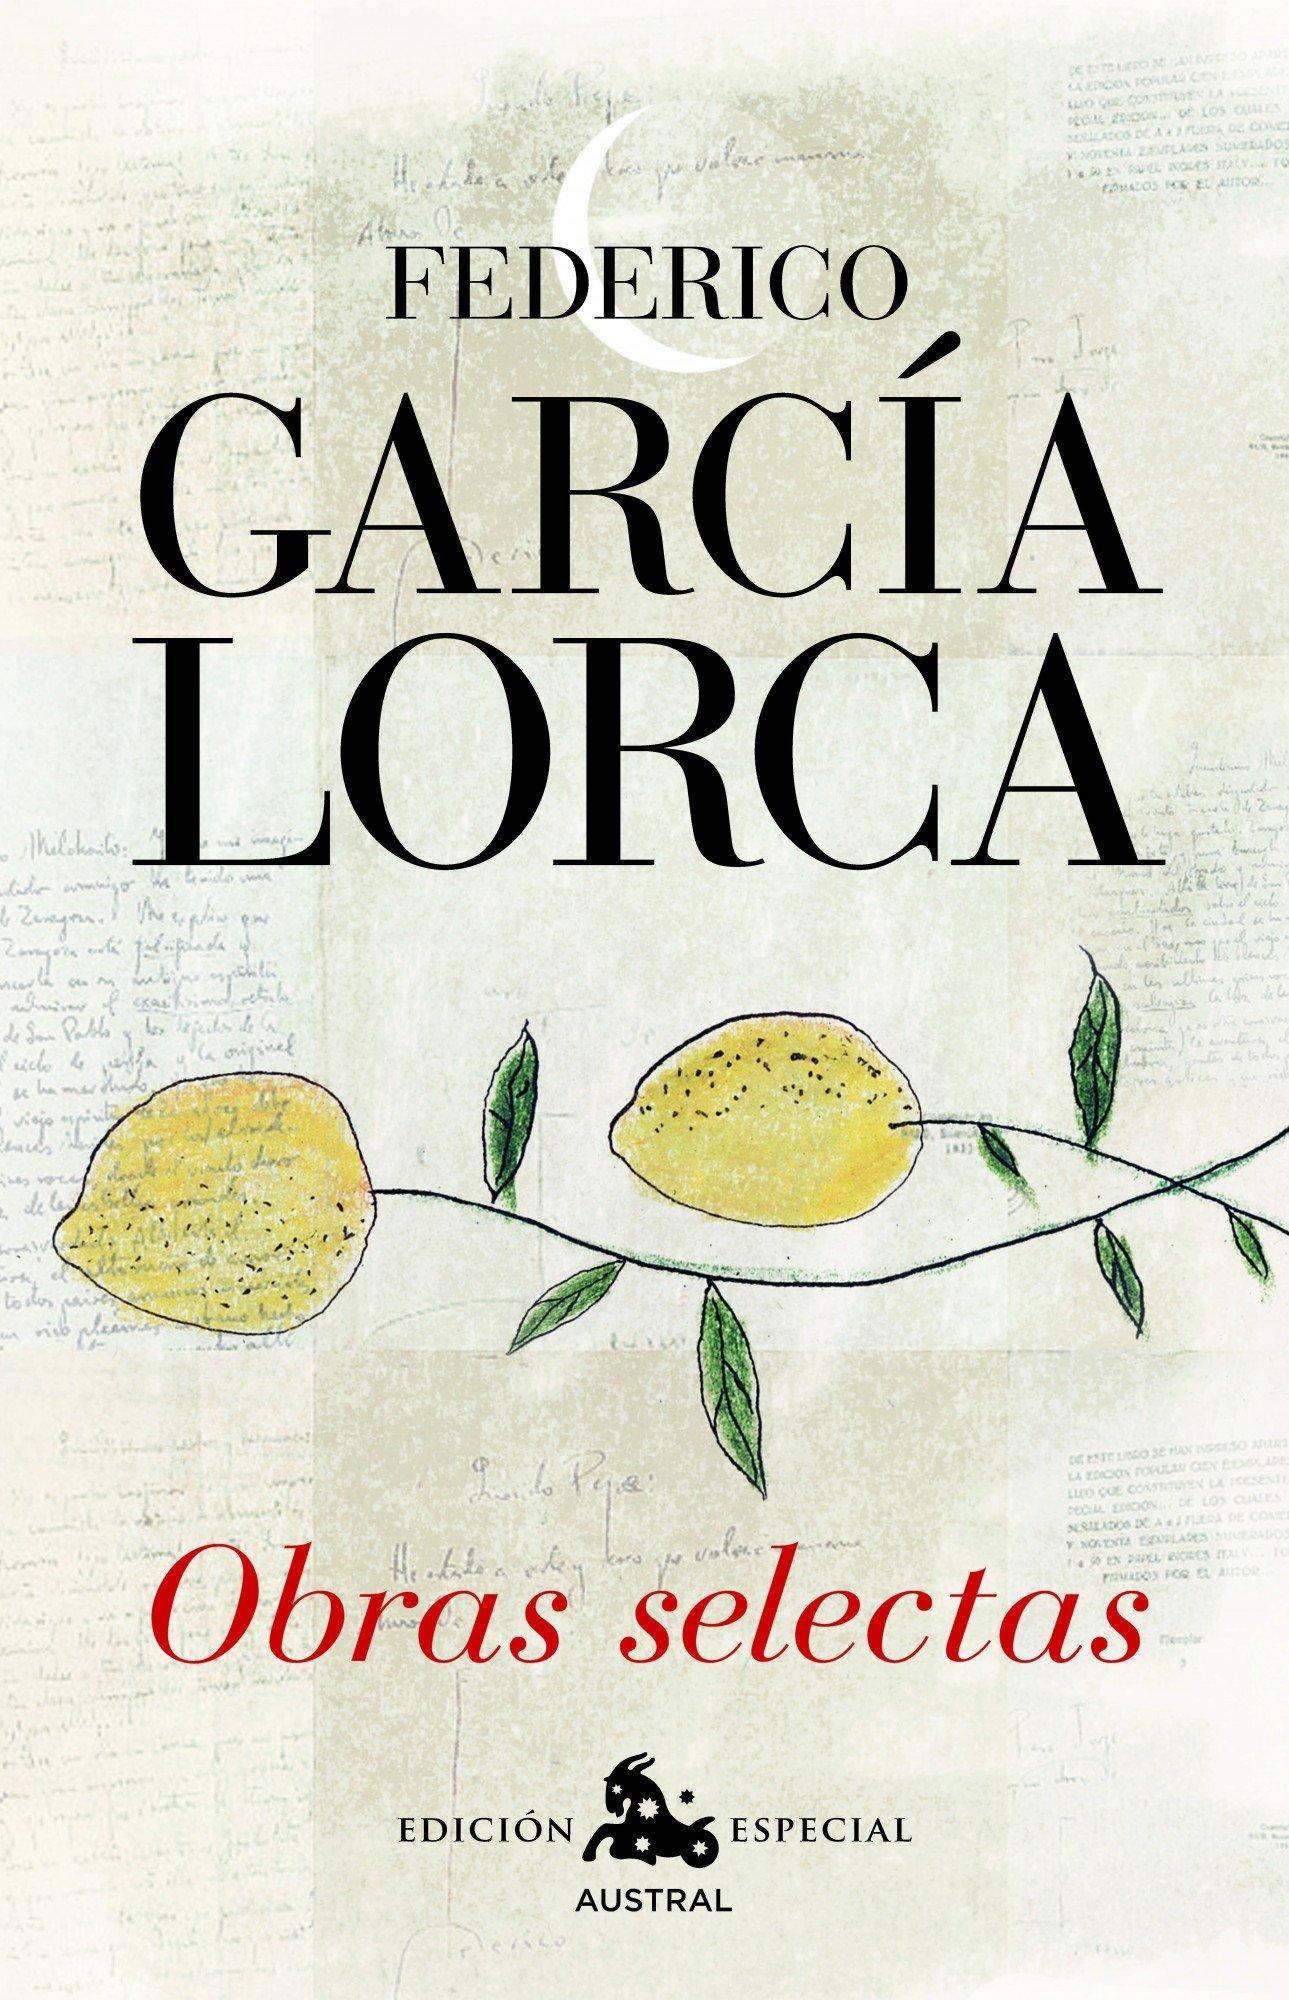 Obra selecta de Federico García Lorca AUSTRAL EDICIONES ESPECIALES: Amazon.es: García Lorca, Federico: Libros